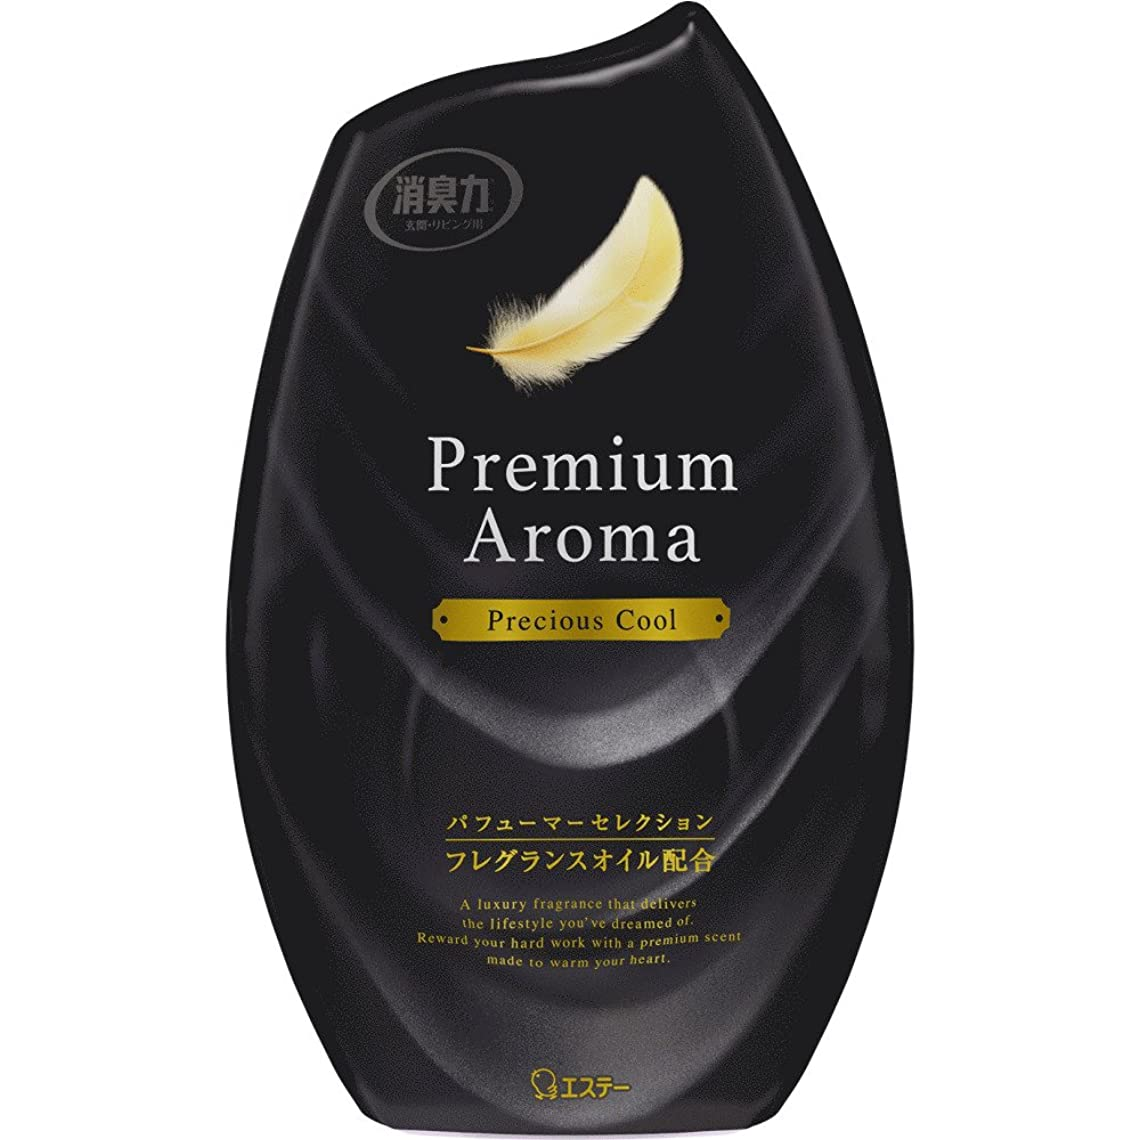 ケーブルカー気づかないアシスタントお部屋の消臭力 プレミアムアロマ Premium Aroma 消臭芳香剤 部屋用 部屋 プレシャスクールの香り 400ml